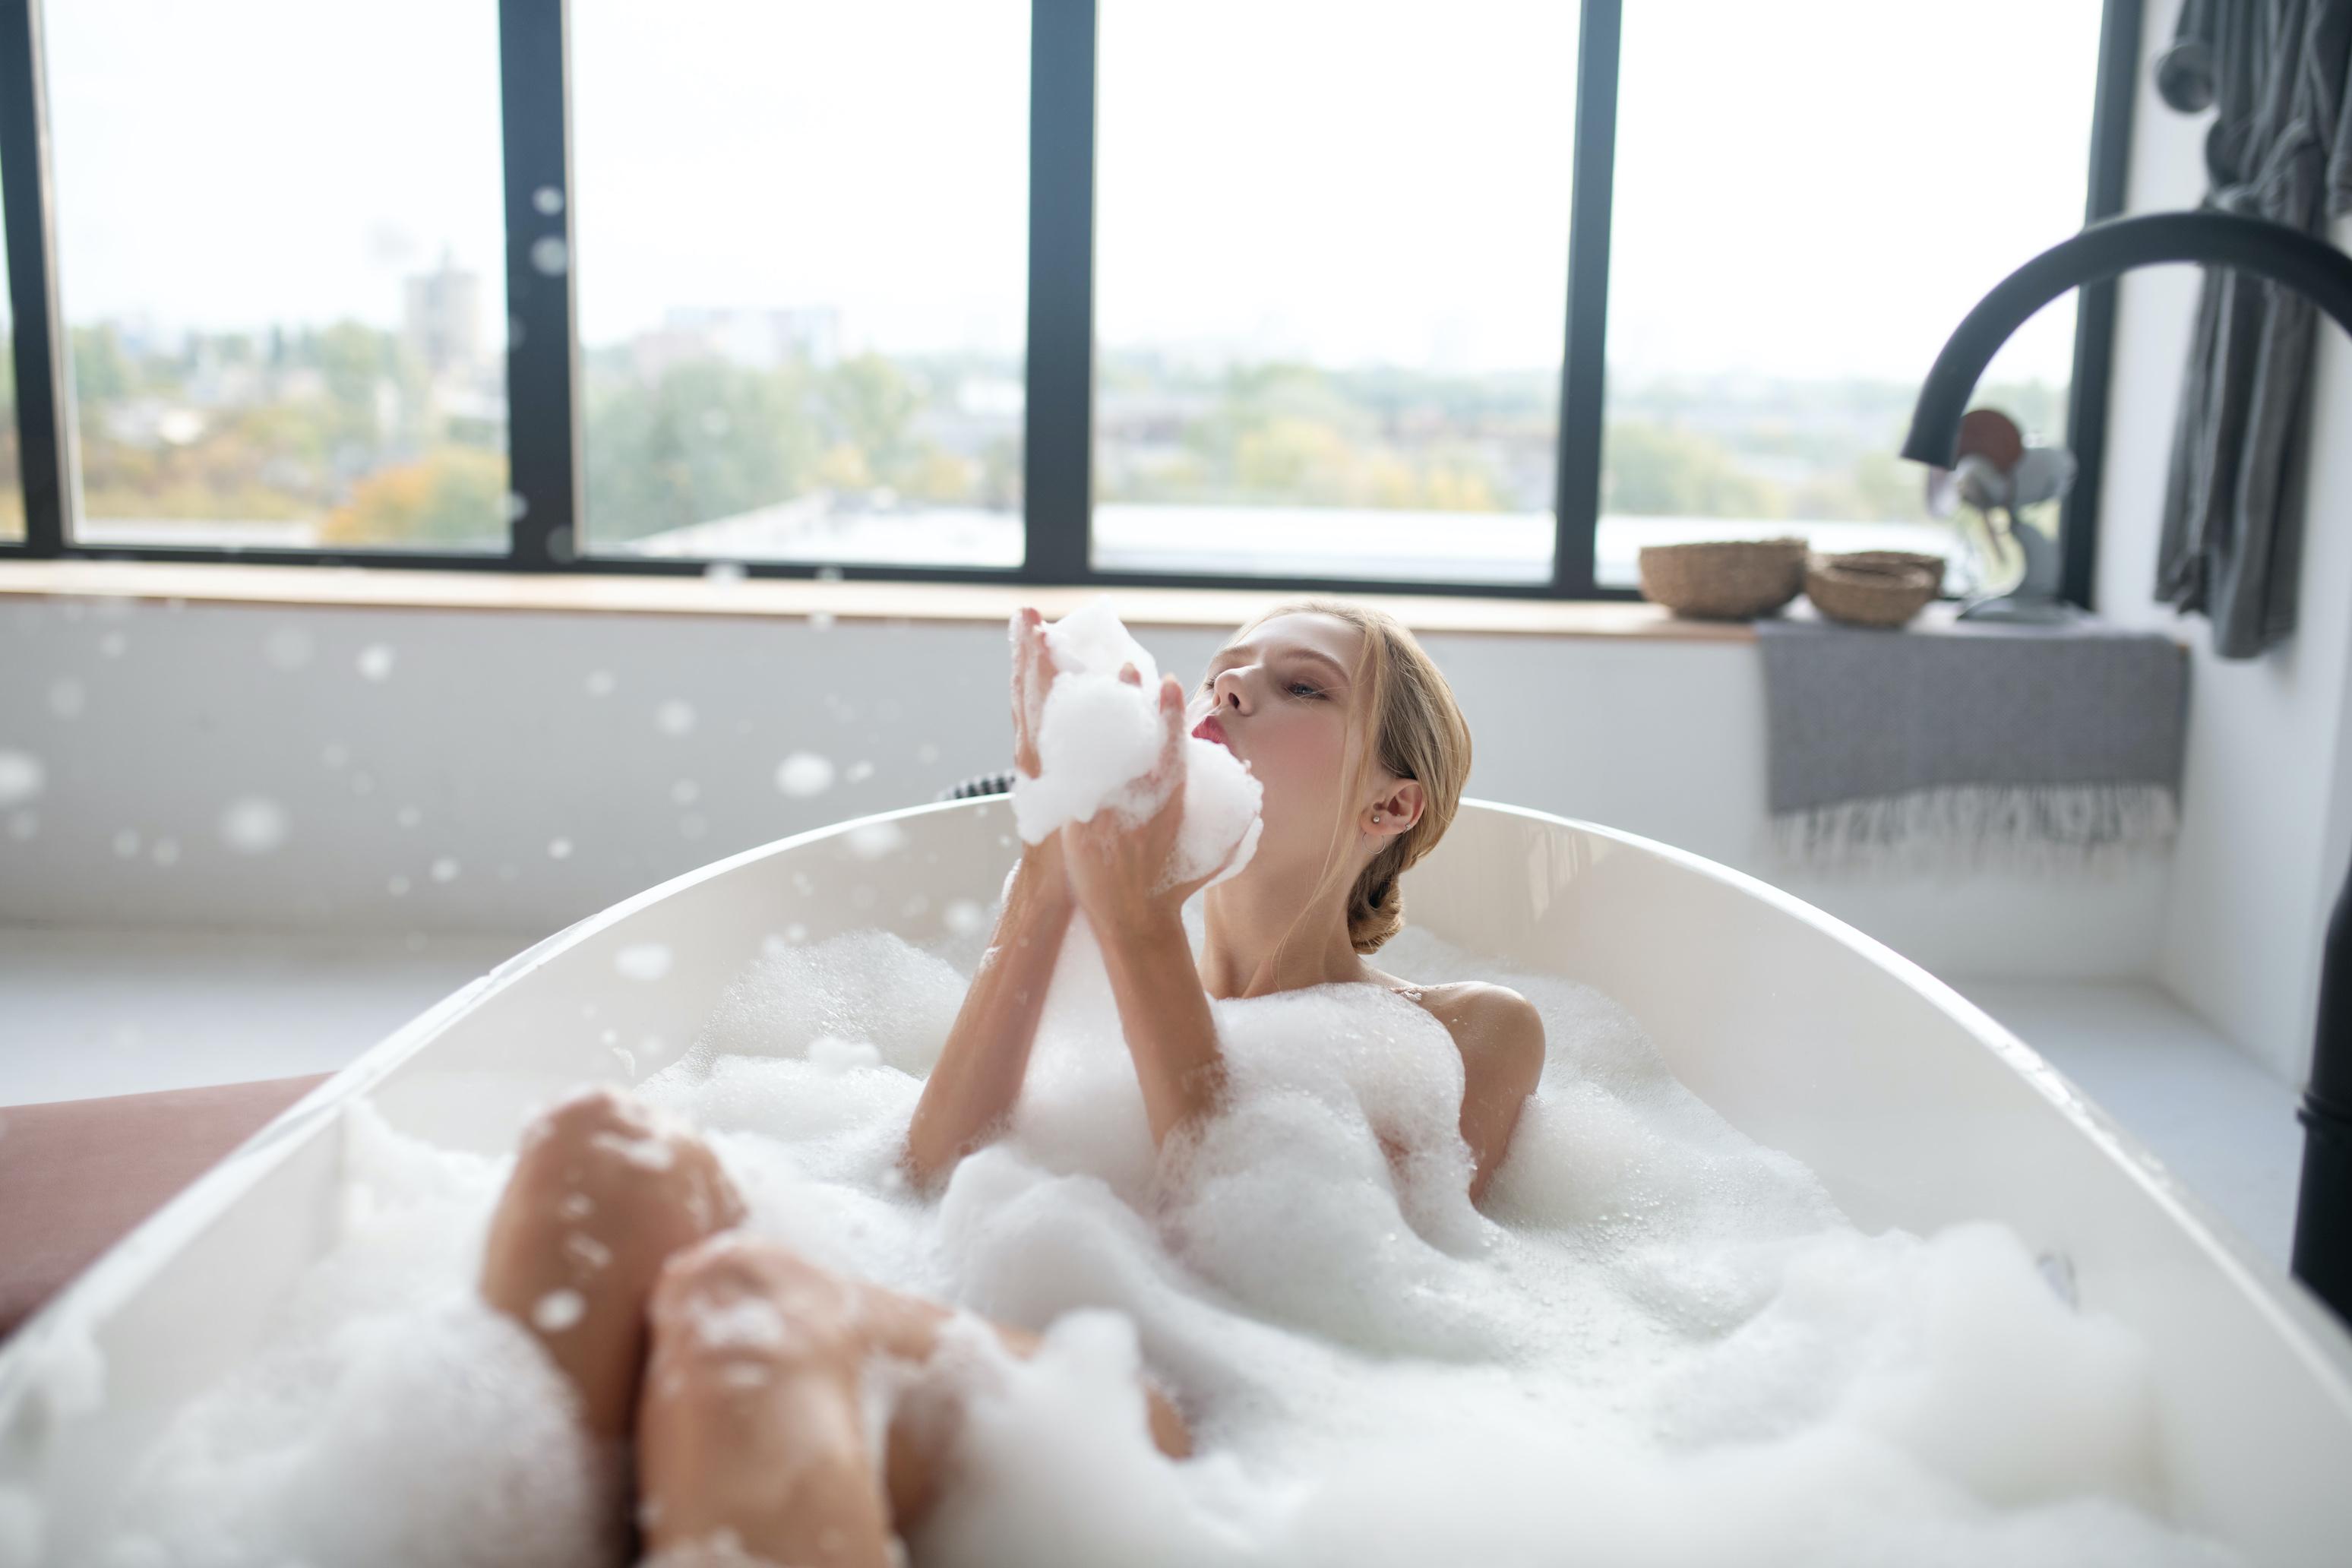 お家で手軽にできる美容法として、バスタイムの過ごし方にこだわってみて